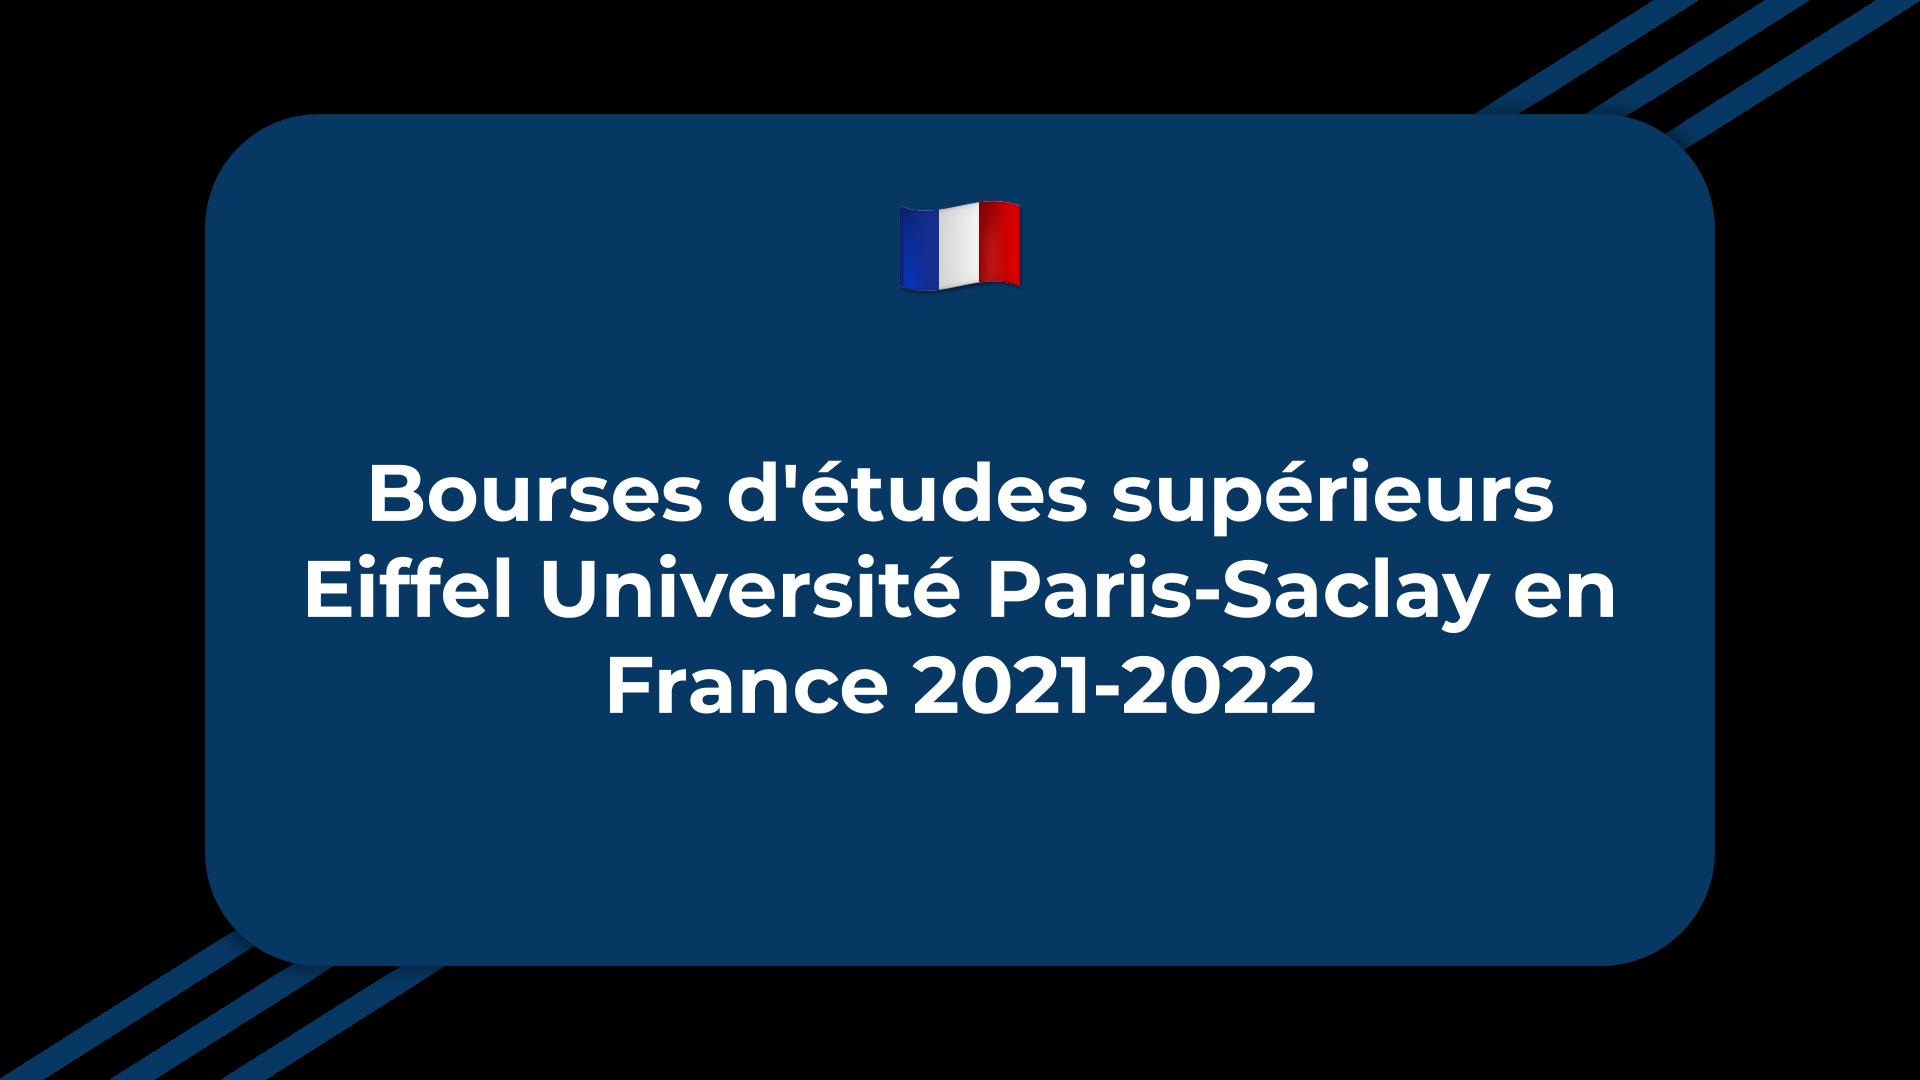 Bourses d'études supérieurs Eiffel Université Paris-Saclay